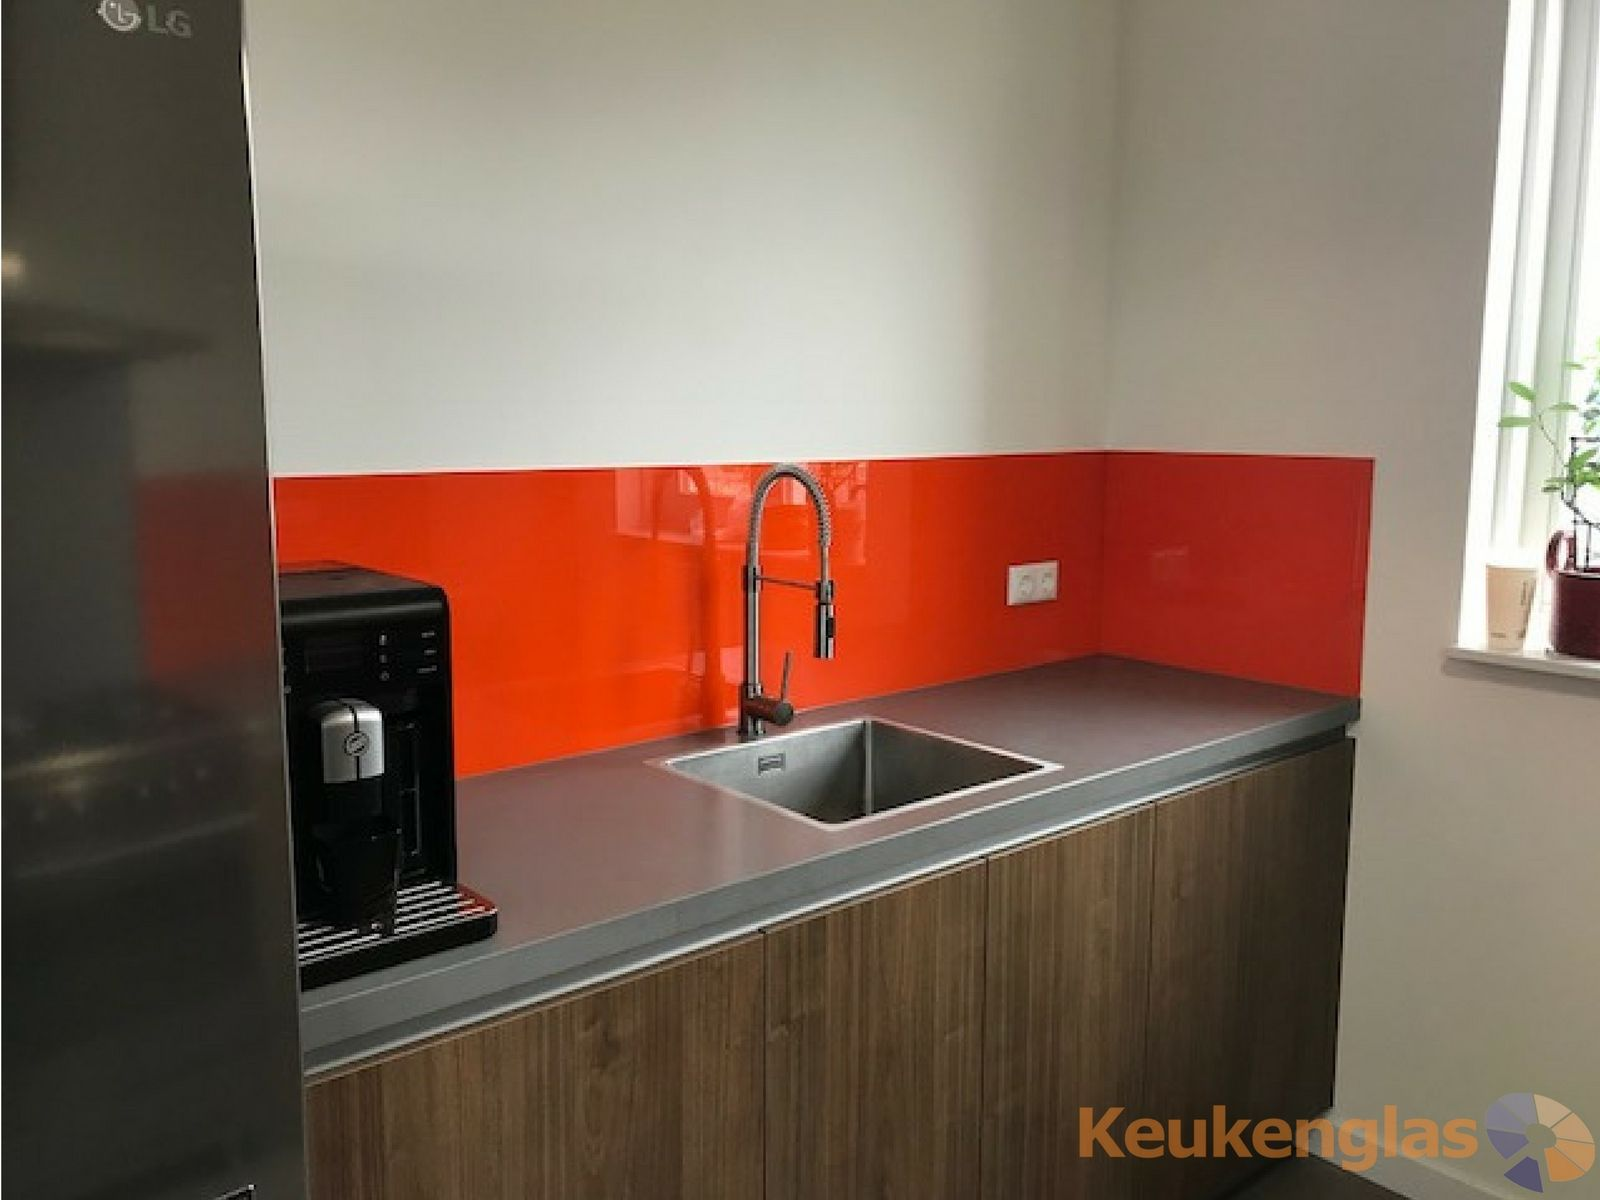 Kleurrijke achterwand van glas combinatie van oranje en metallic